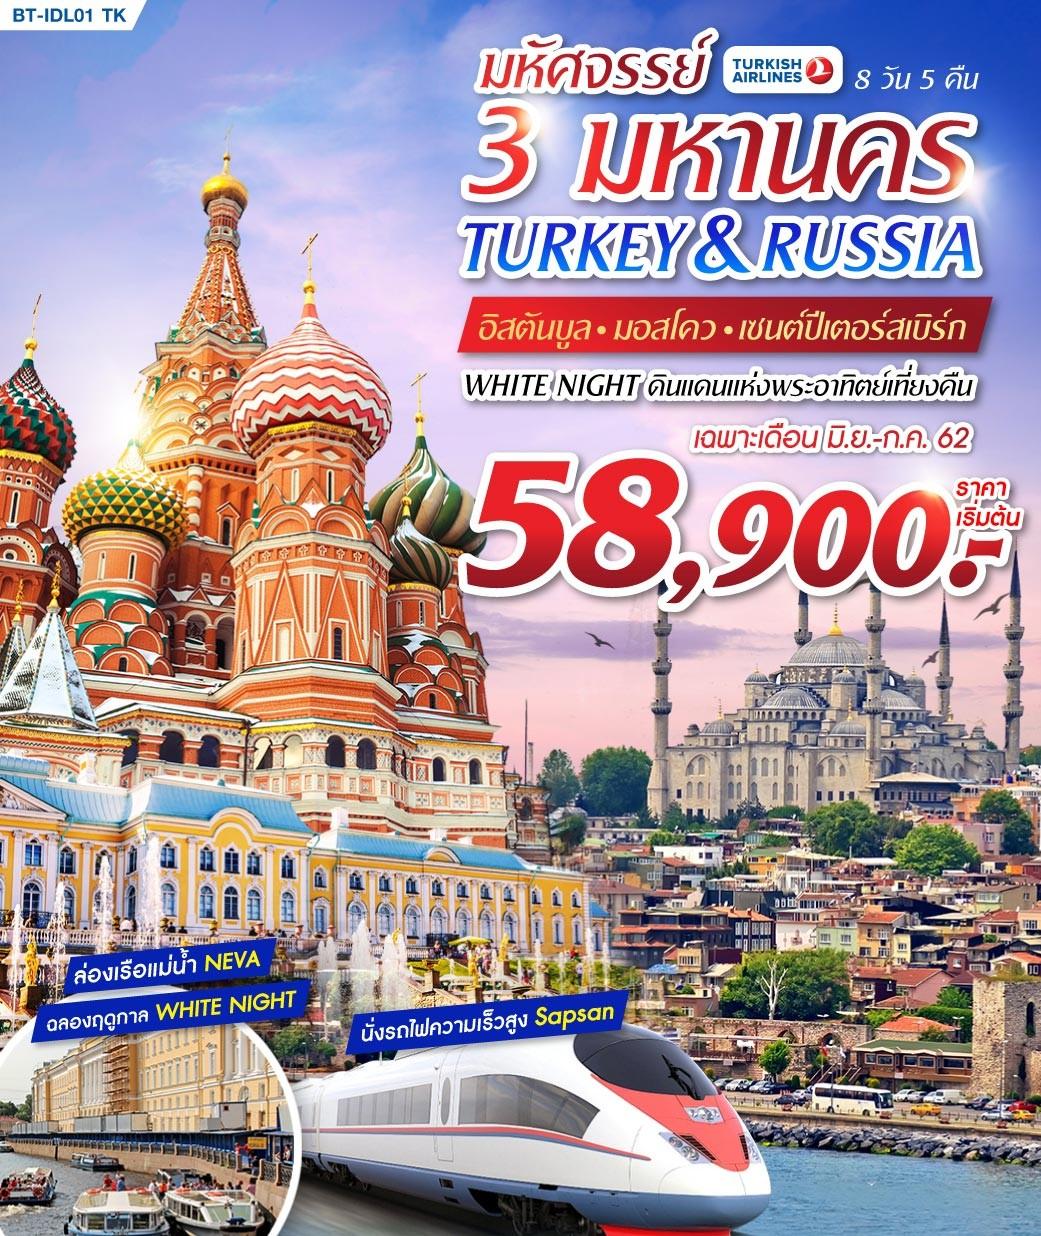 ทัวร์ตุรกี มหัศจรรย์ 3 มหานคร TURKEY & RUSSIA 8 วัน 5 คืน